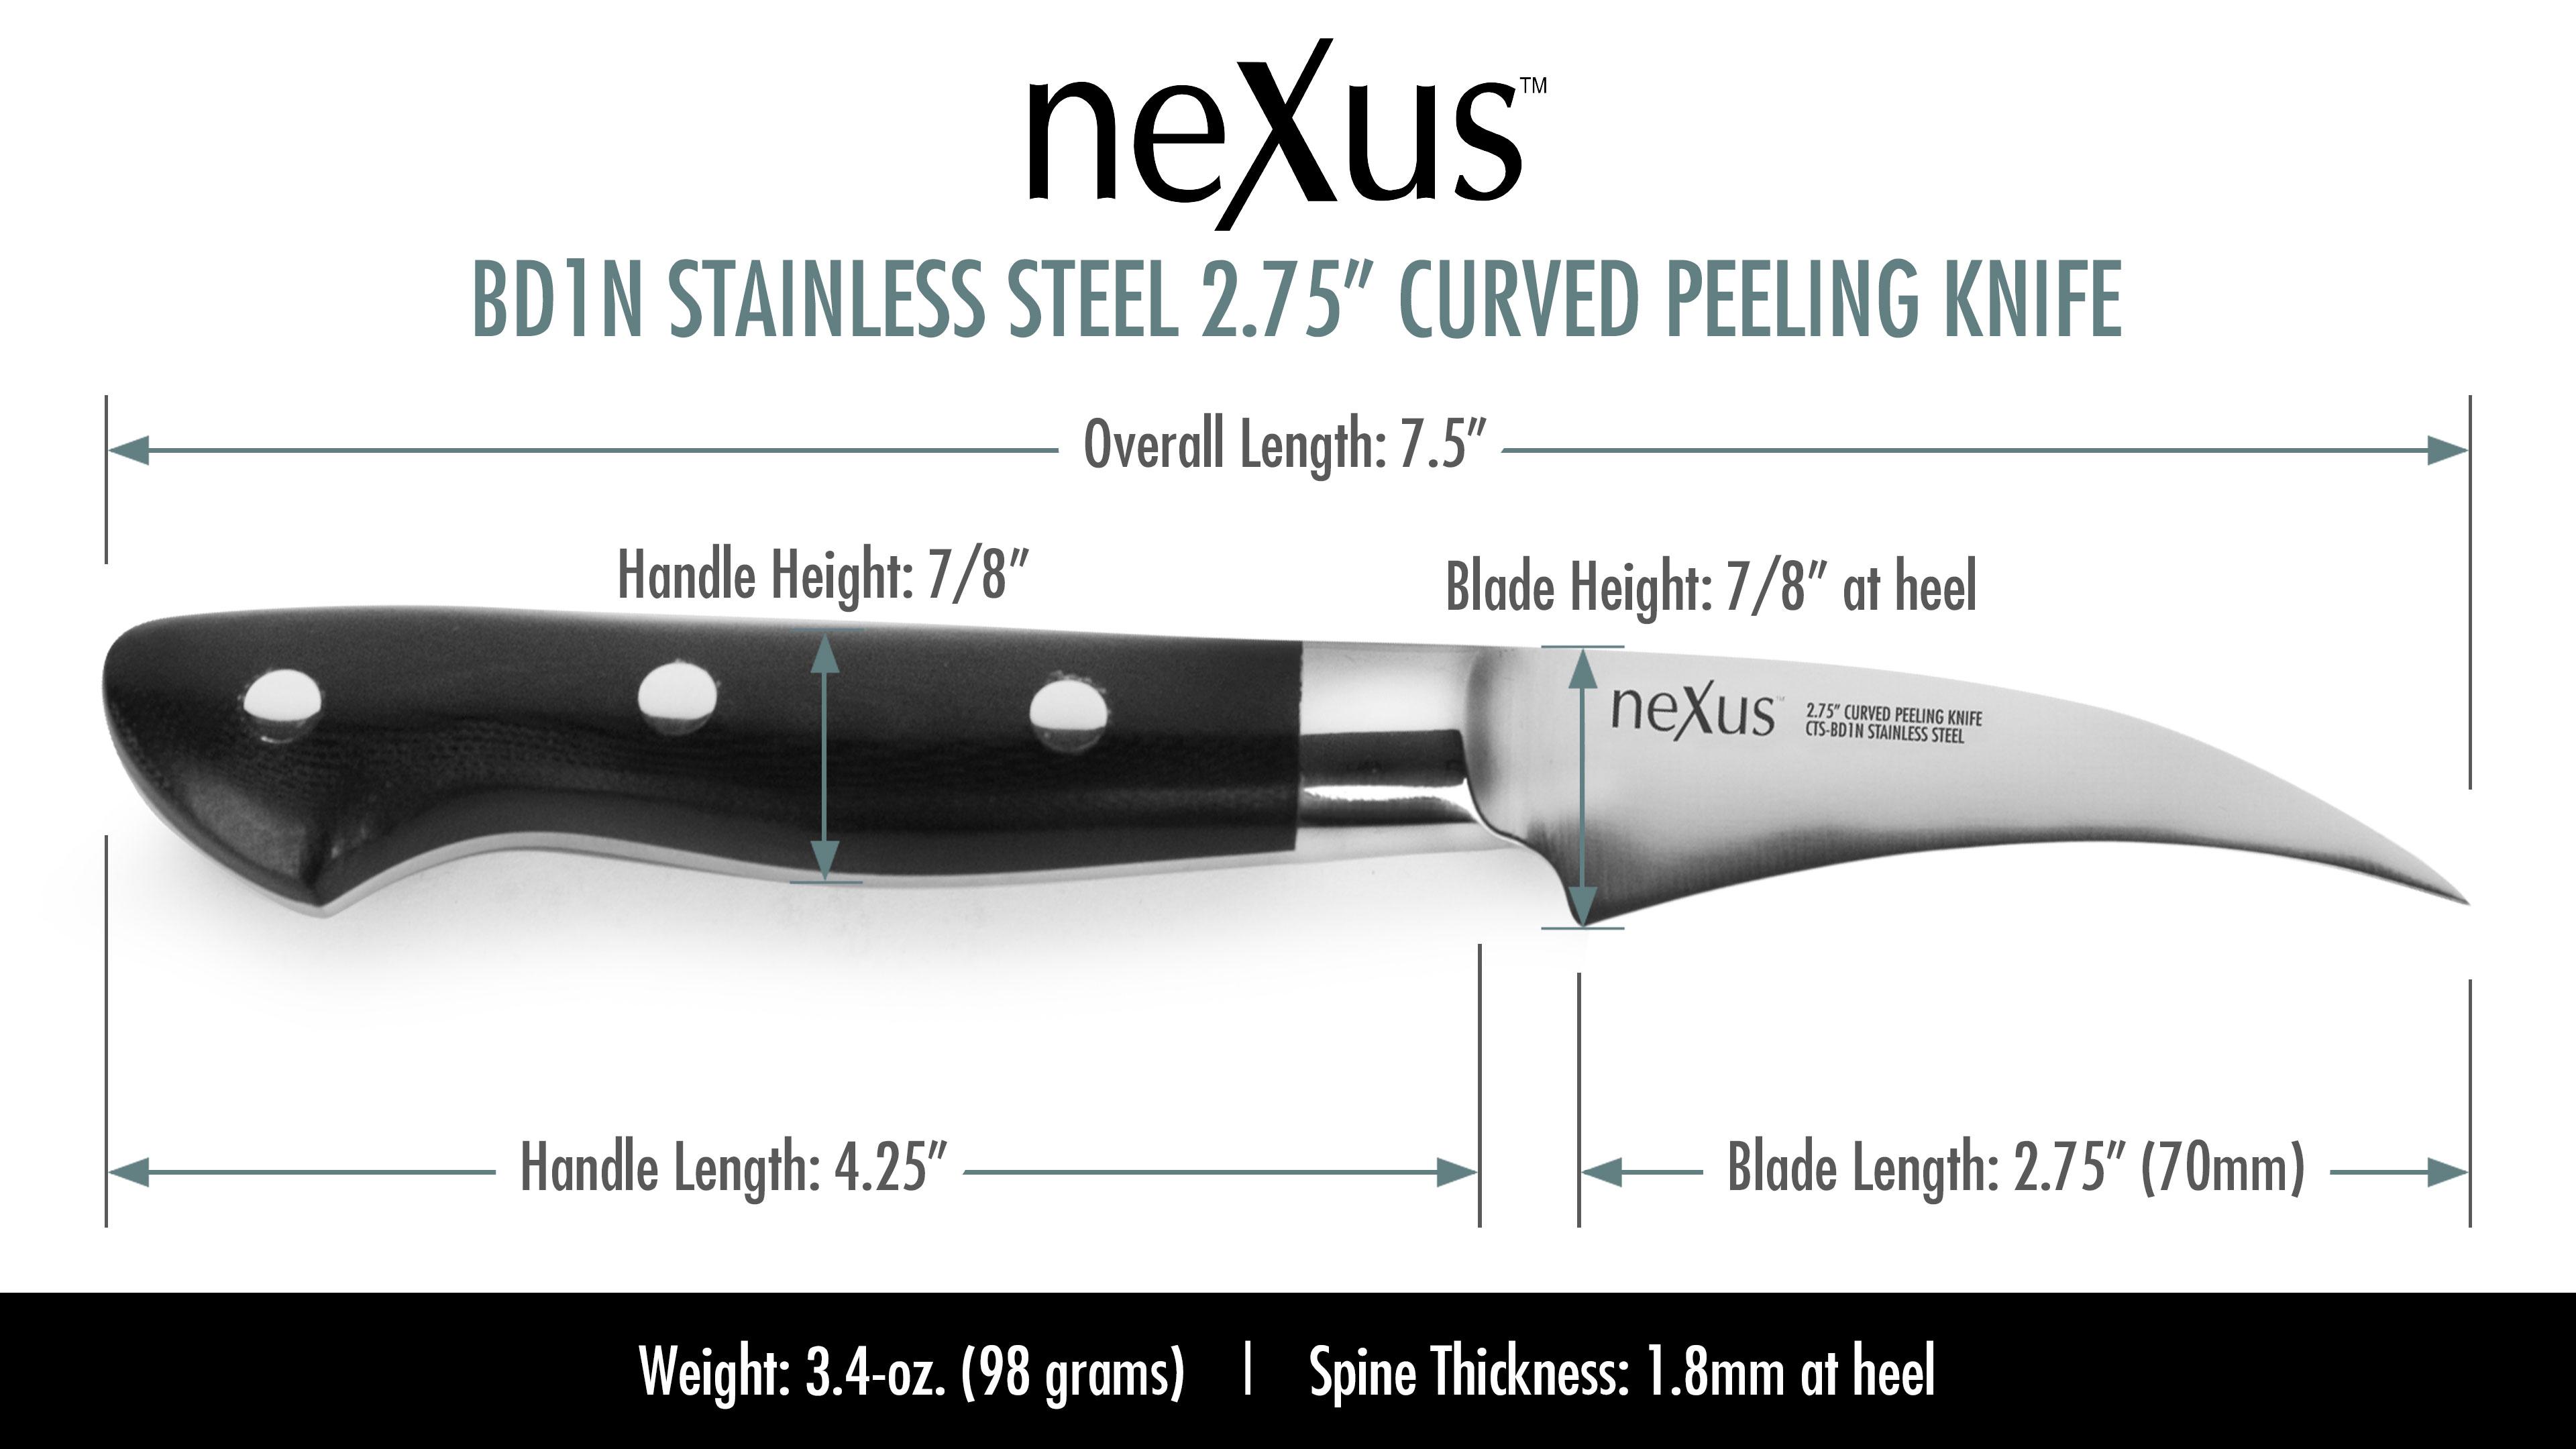 Nexus Bd1n Stainless Steel Curved Peeling Knife 2 75